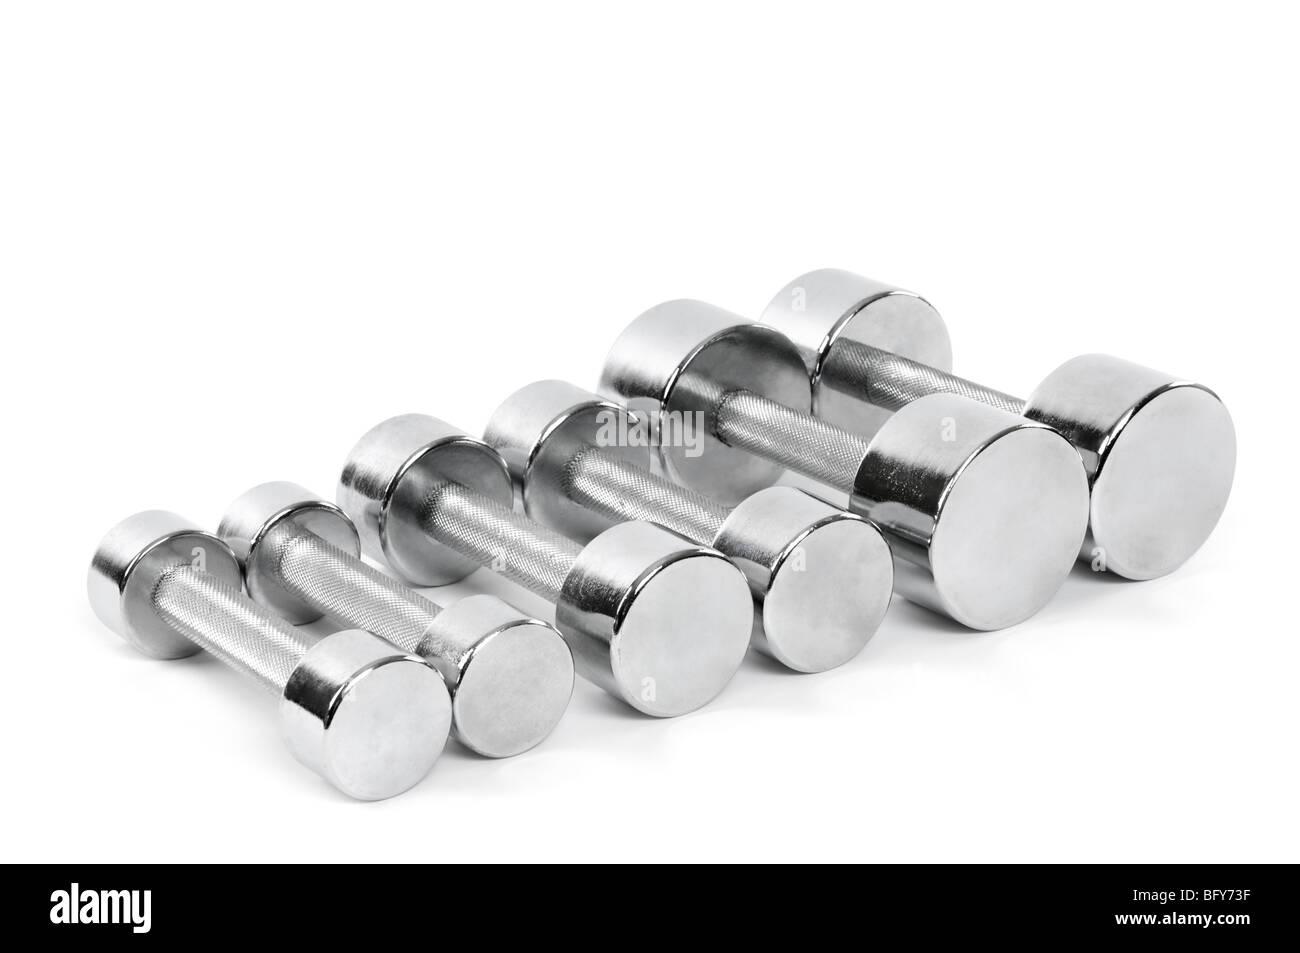 Conjunto de cromo brillante mancuernas aislado sobre fondo blanco. Foto de stock